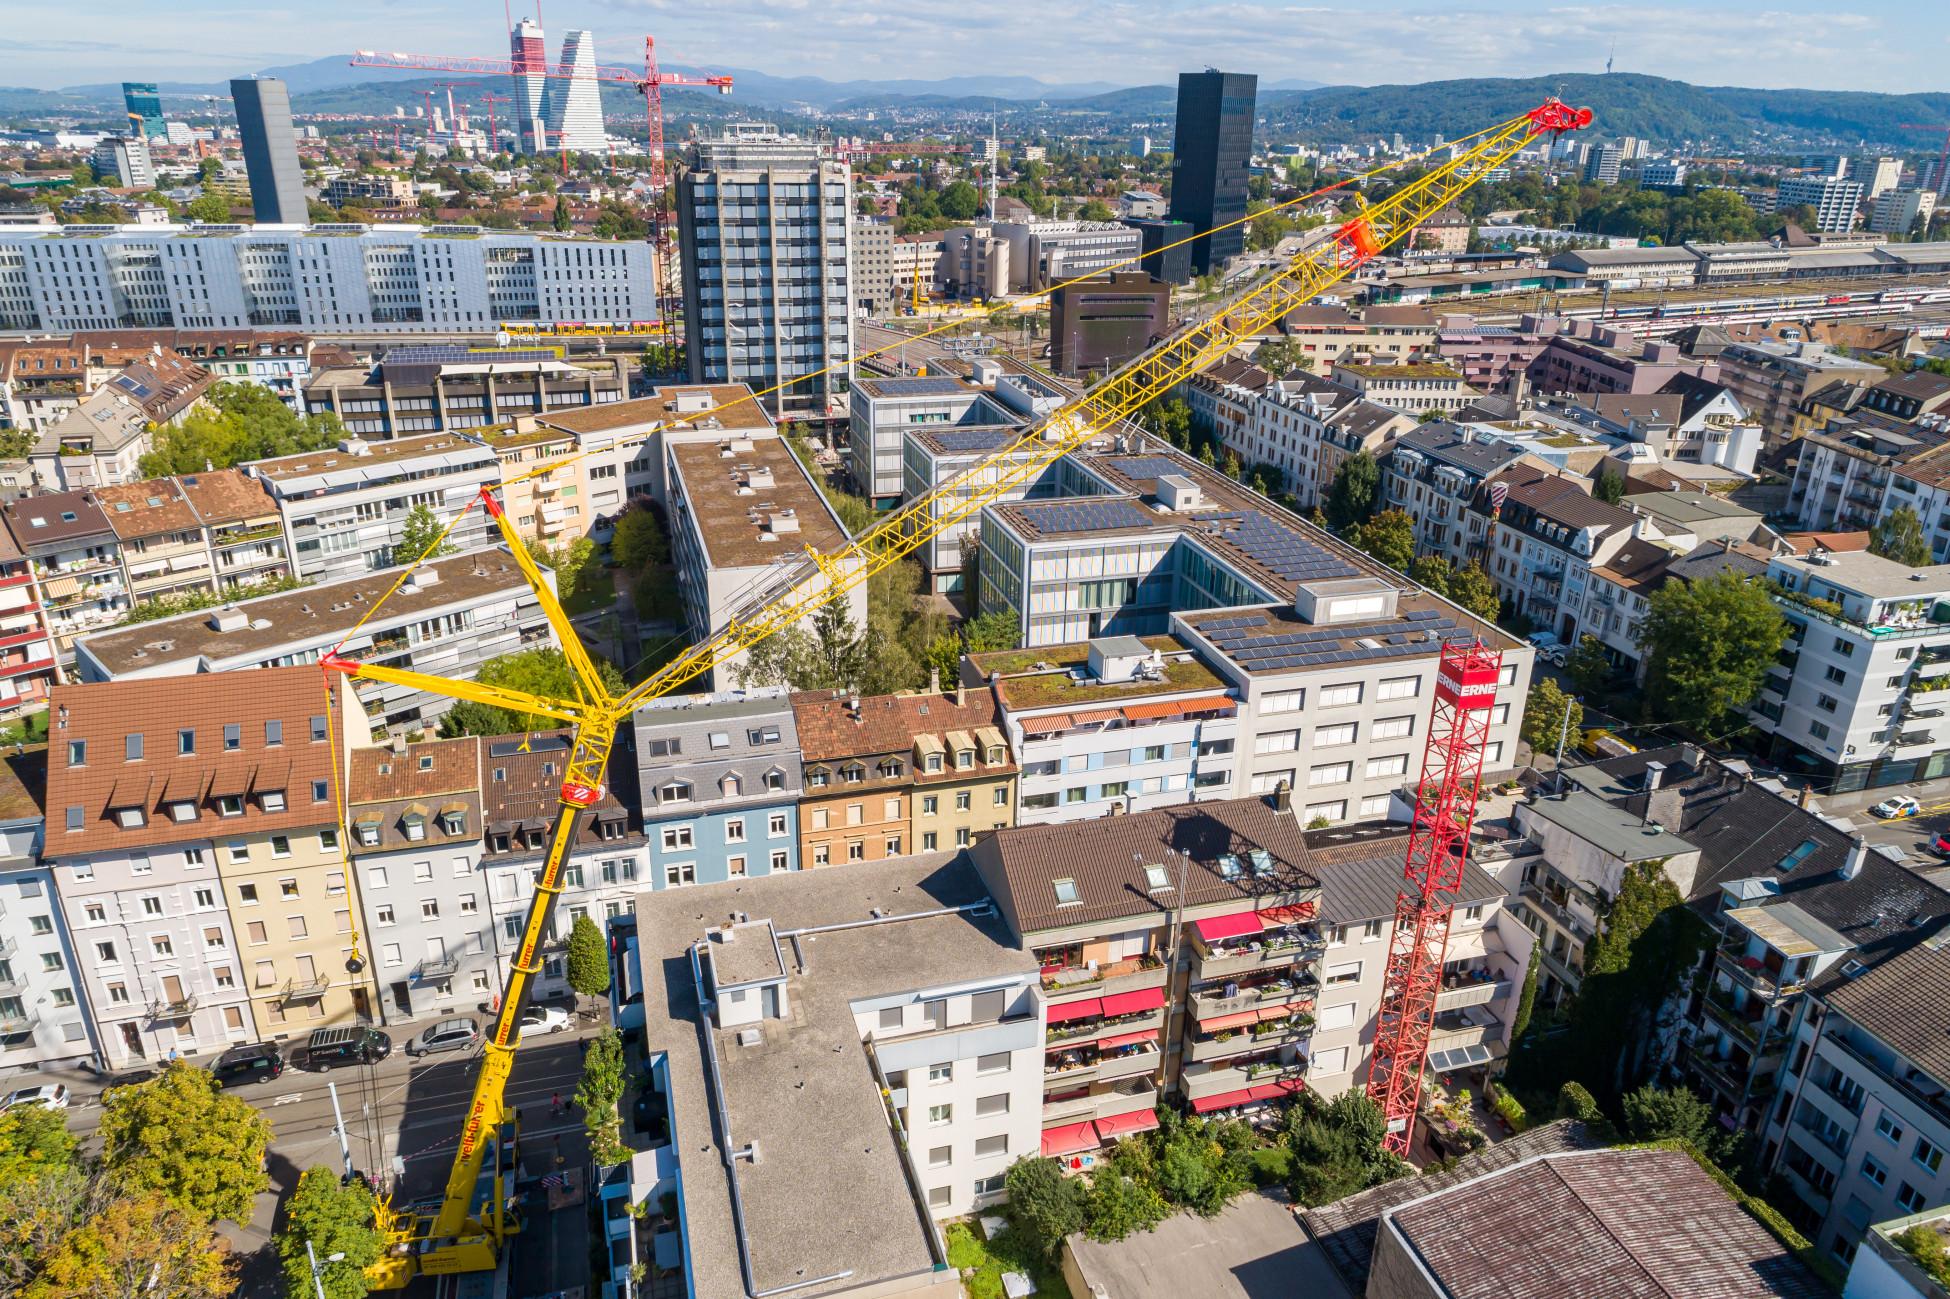 Umbau und Schadstoffsanierung Basel im Gundeli - Kranmontage